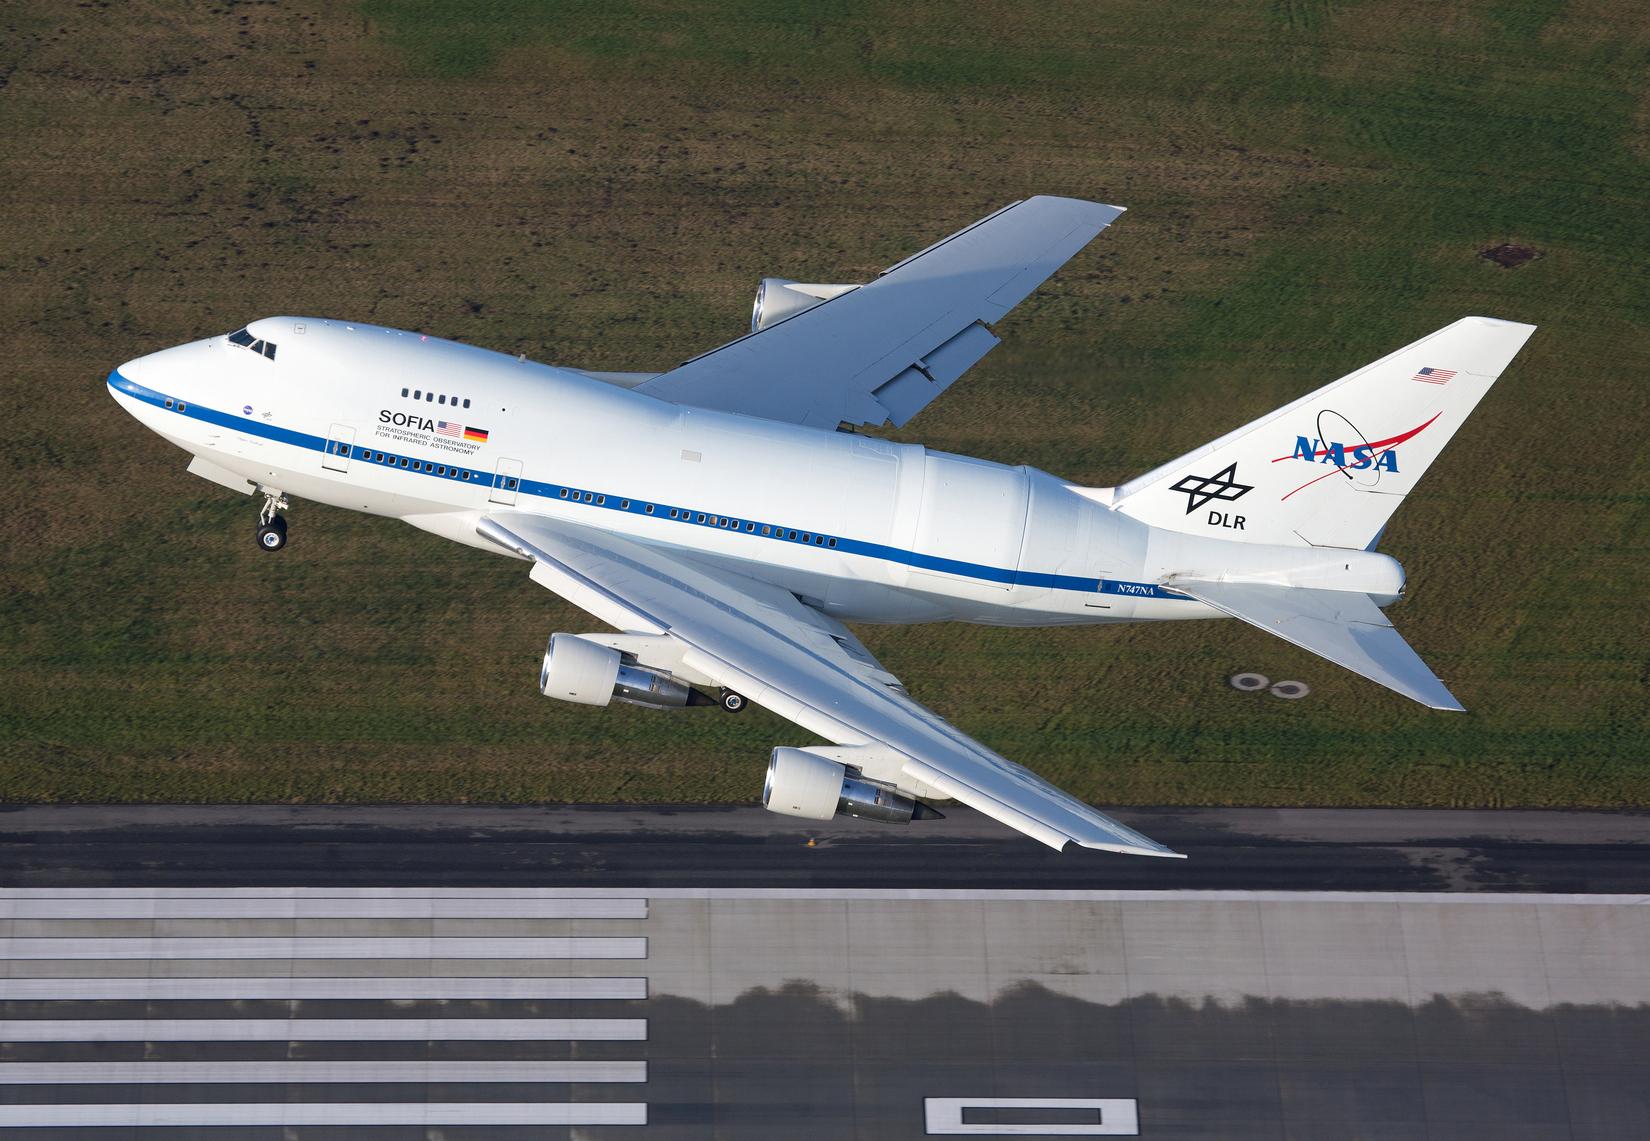 Boeing 747SP-21-flyet fra NASA letter fra Hamborg. Foto: Alexander Golz/NASA